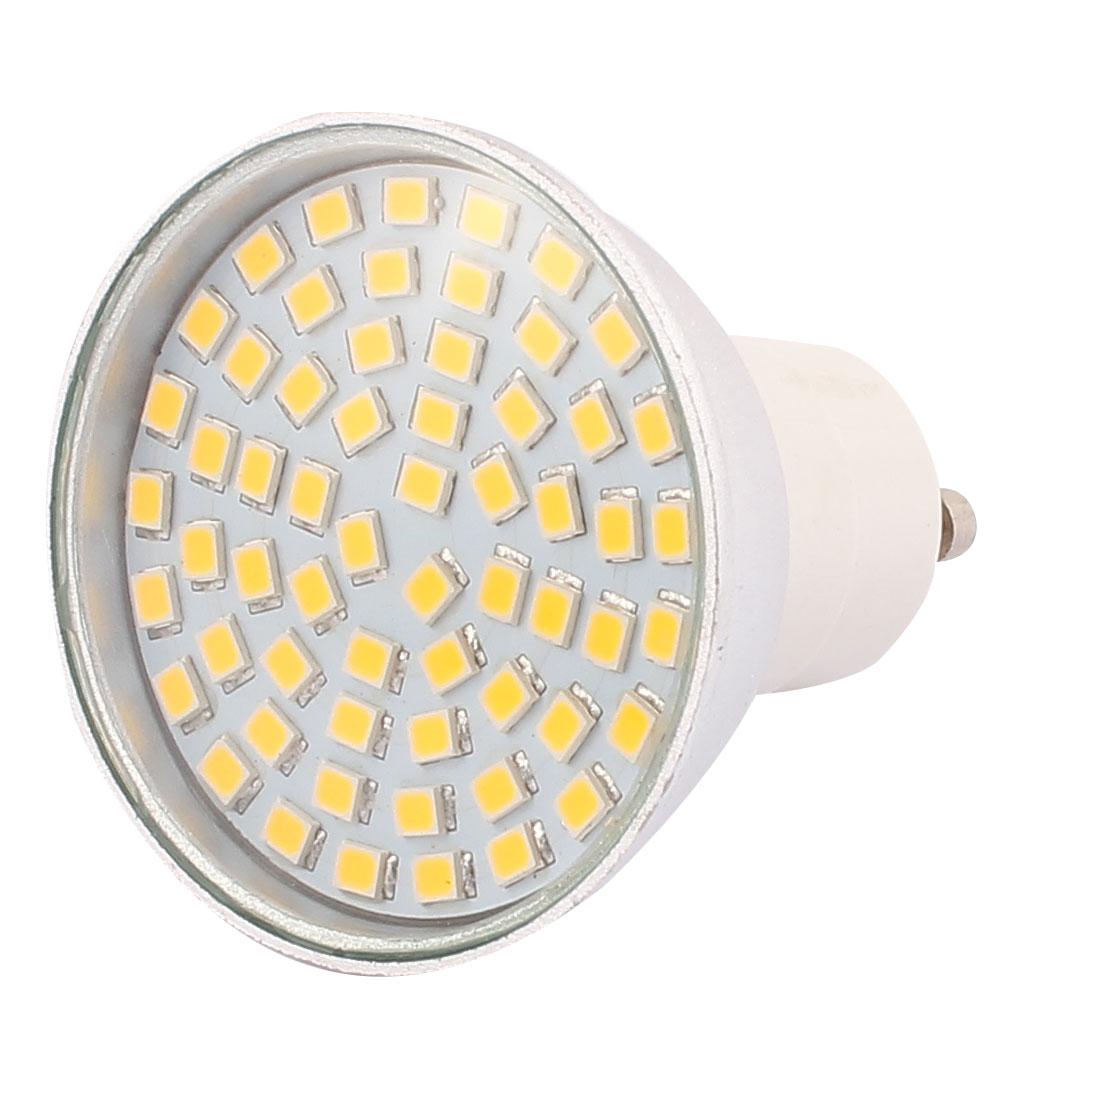 110V GU10 LED Light 6W 2835 SMD 60 LEDs Spotlight Down Lamp Energy Saving Warm White